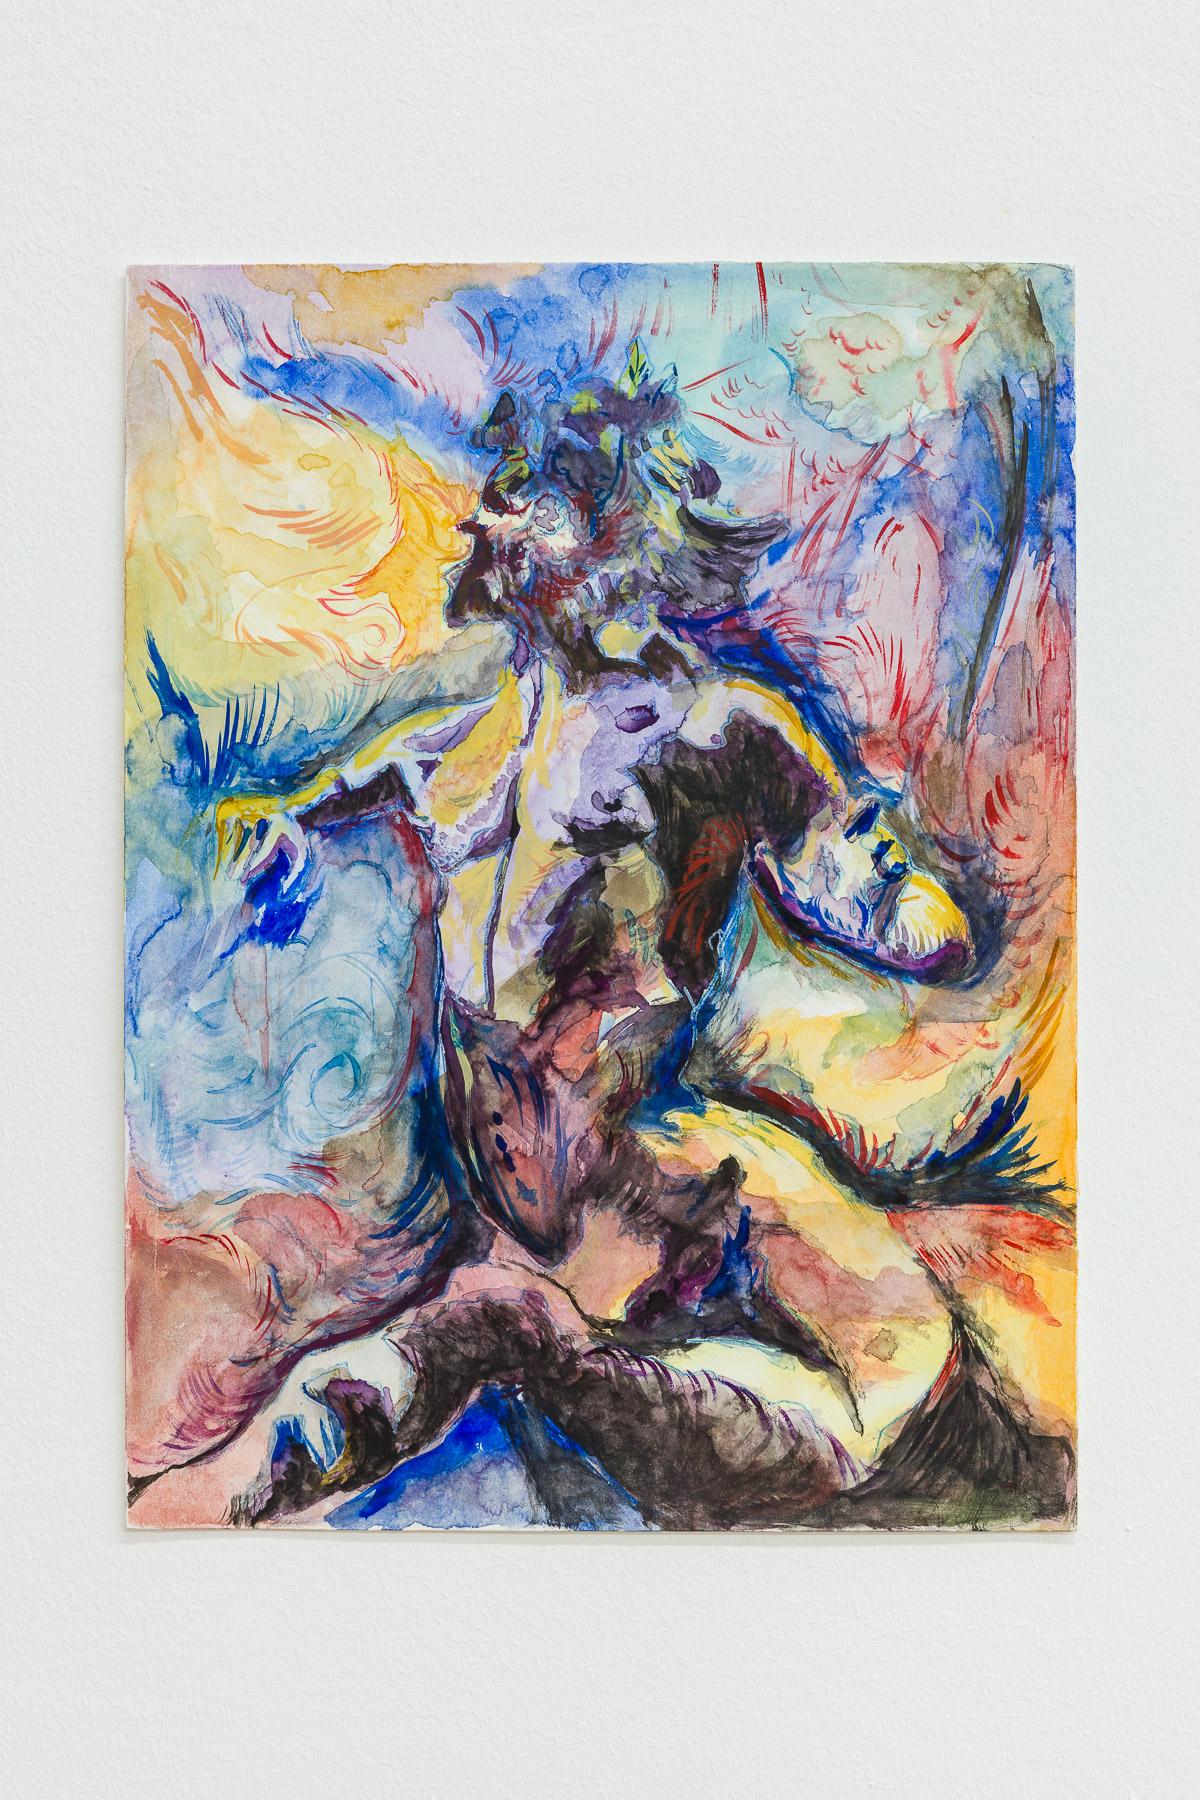 2019_03_13_Groupshow_Felix-Gaudlitz_kunst-dokumentation-com_033_web.jpg